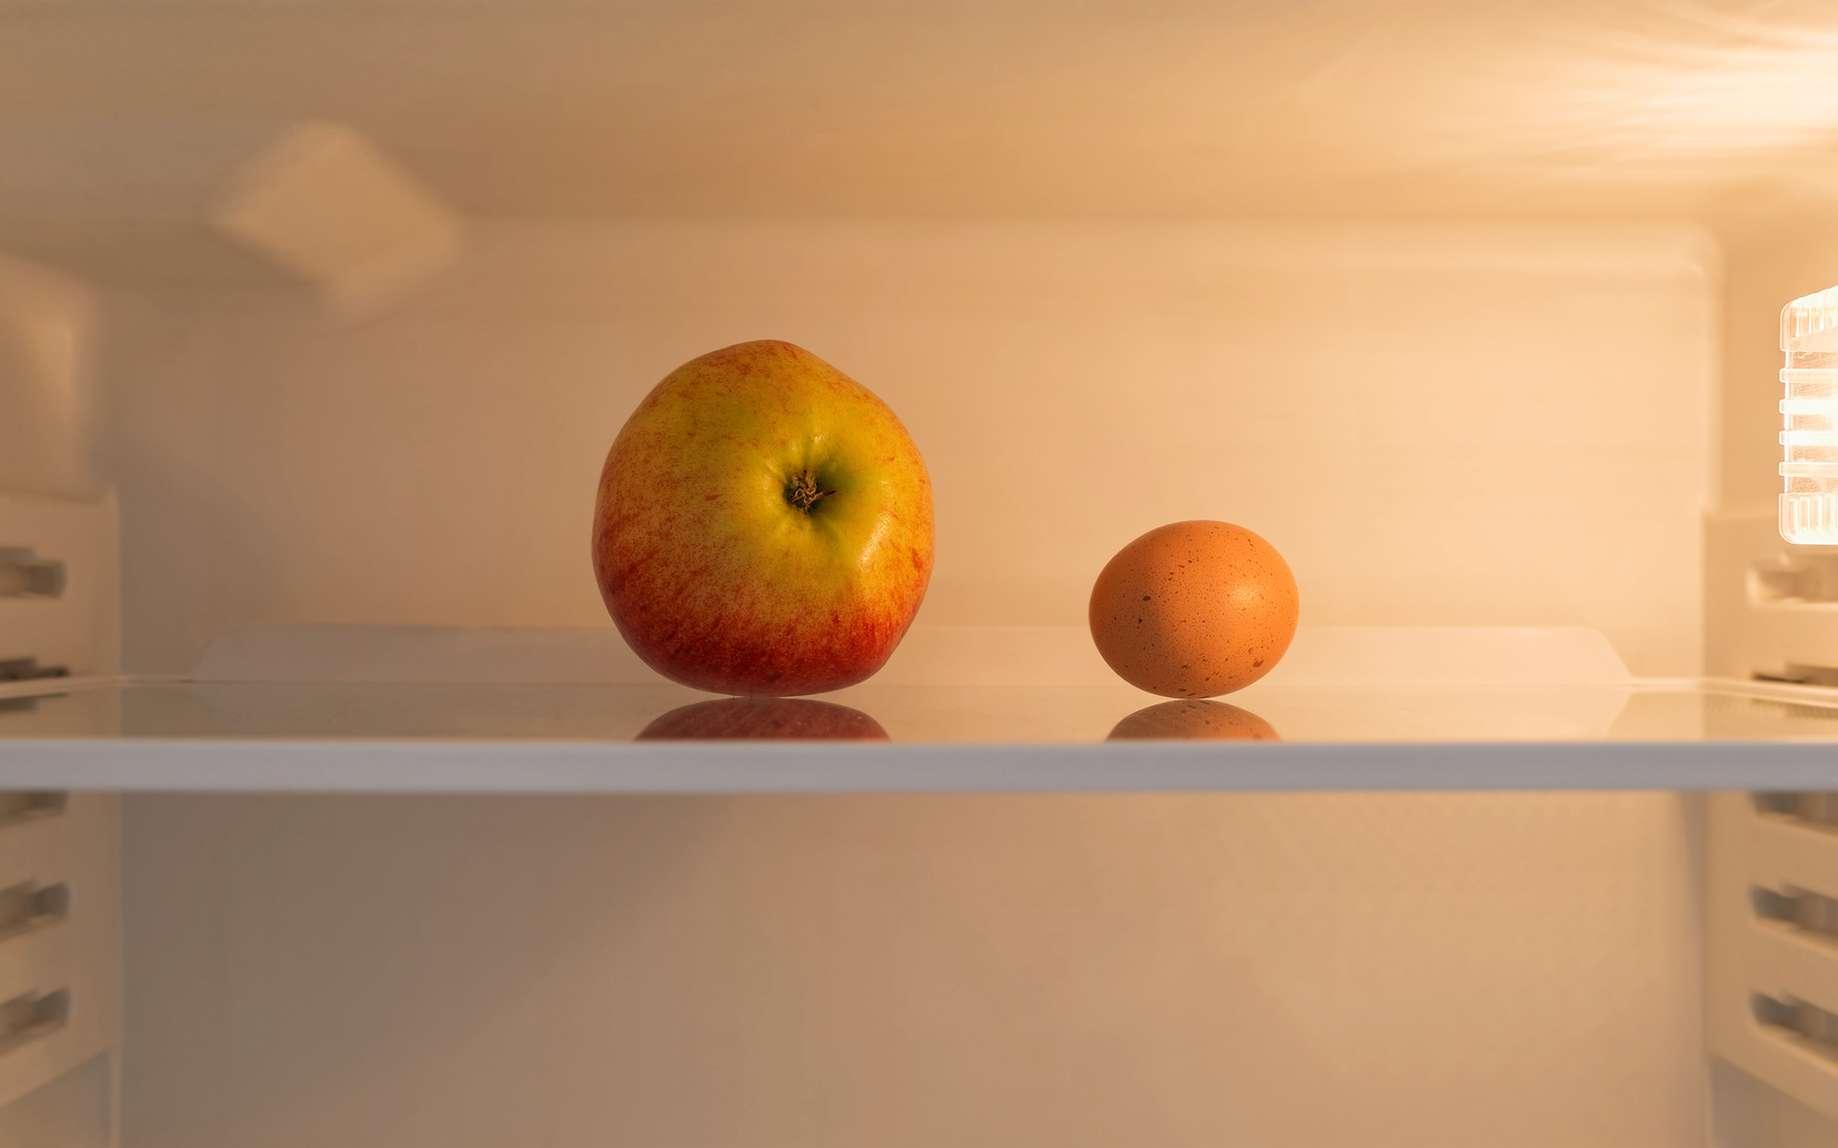 Une carence provient d'un déséquilibre entre les apports alimentaires et les besoins nutritionnels. © lichtmensch, Fotolia